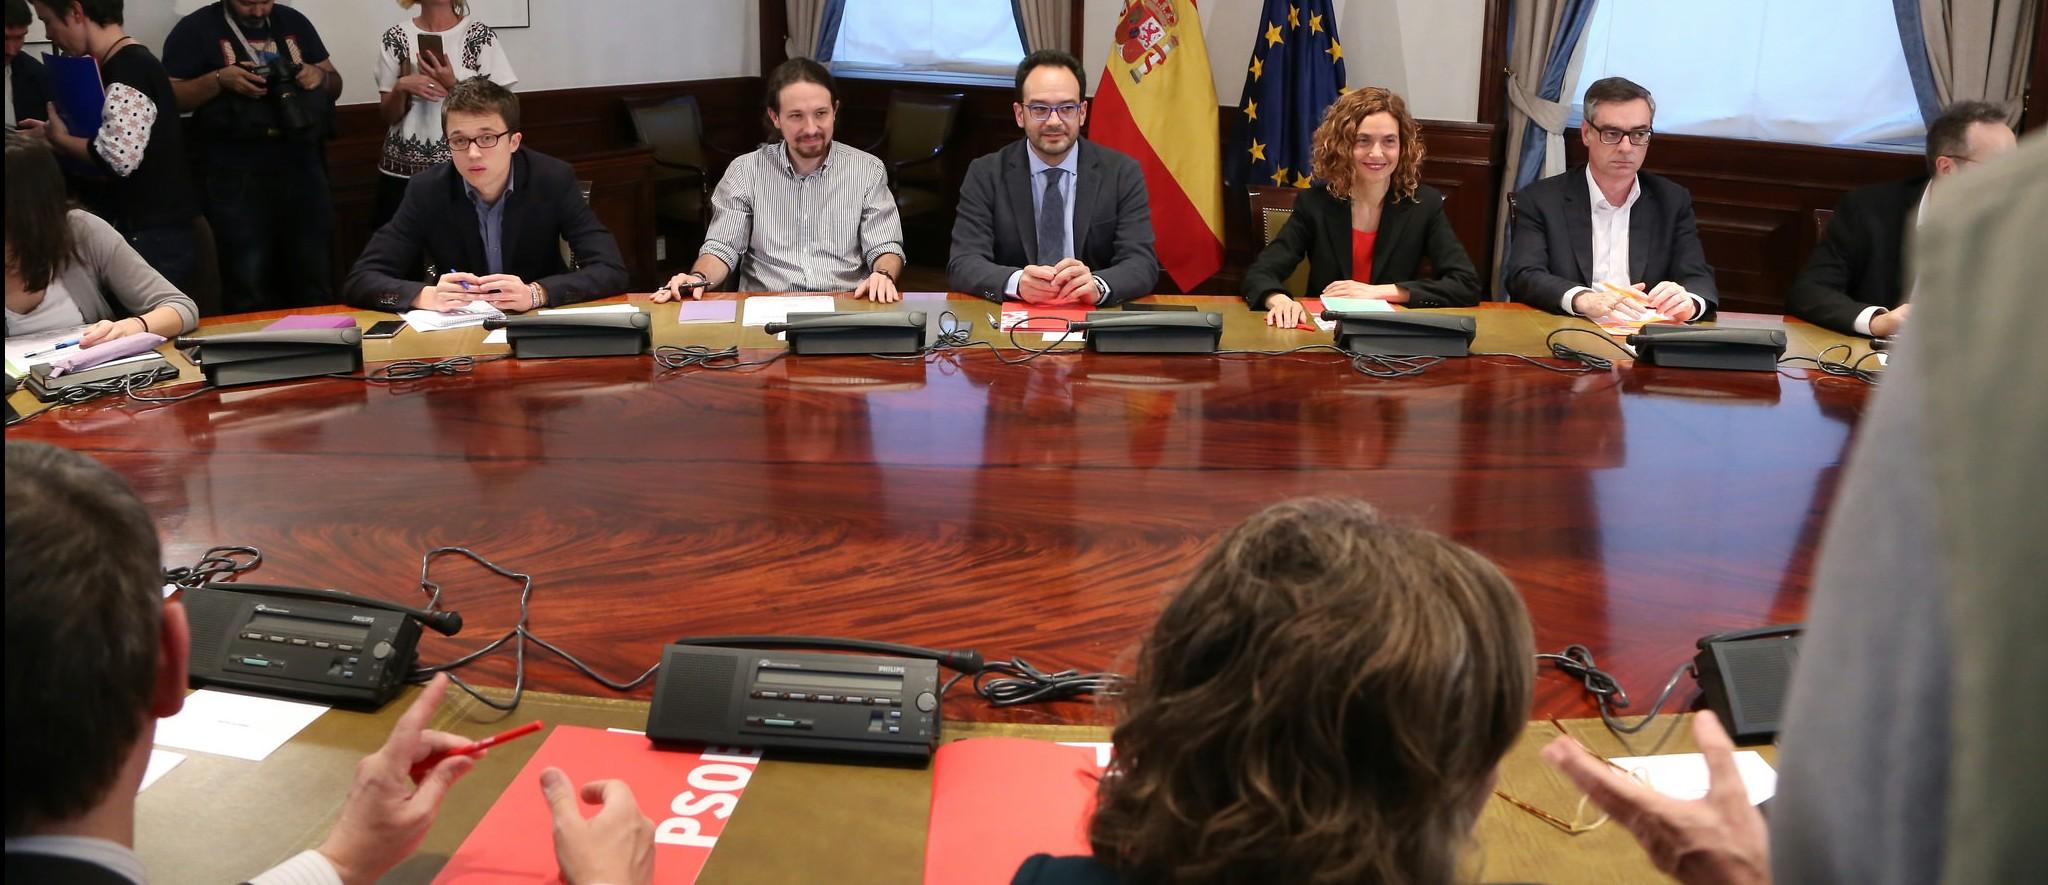 Reunión PSOE, Ciudadanos, Podemos,